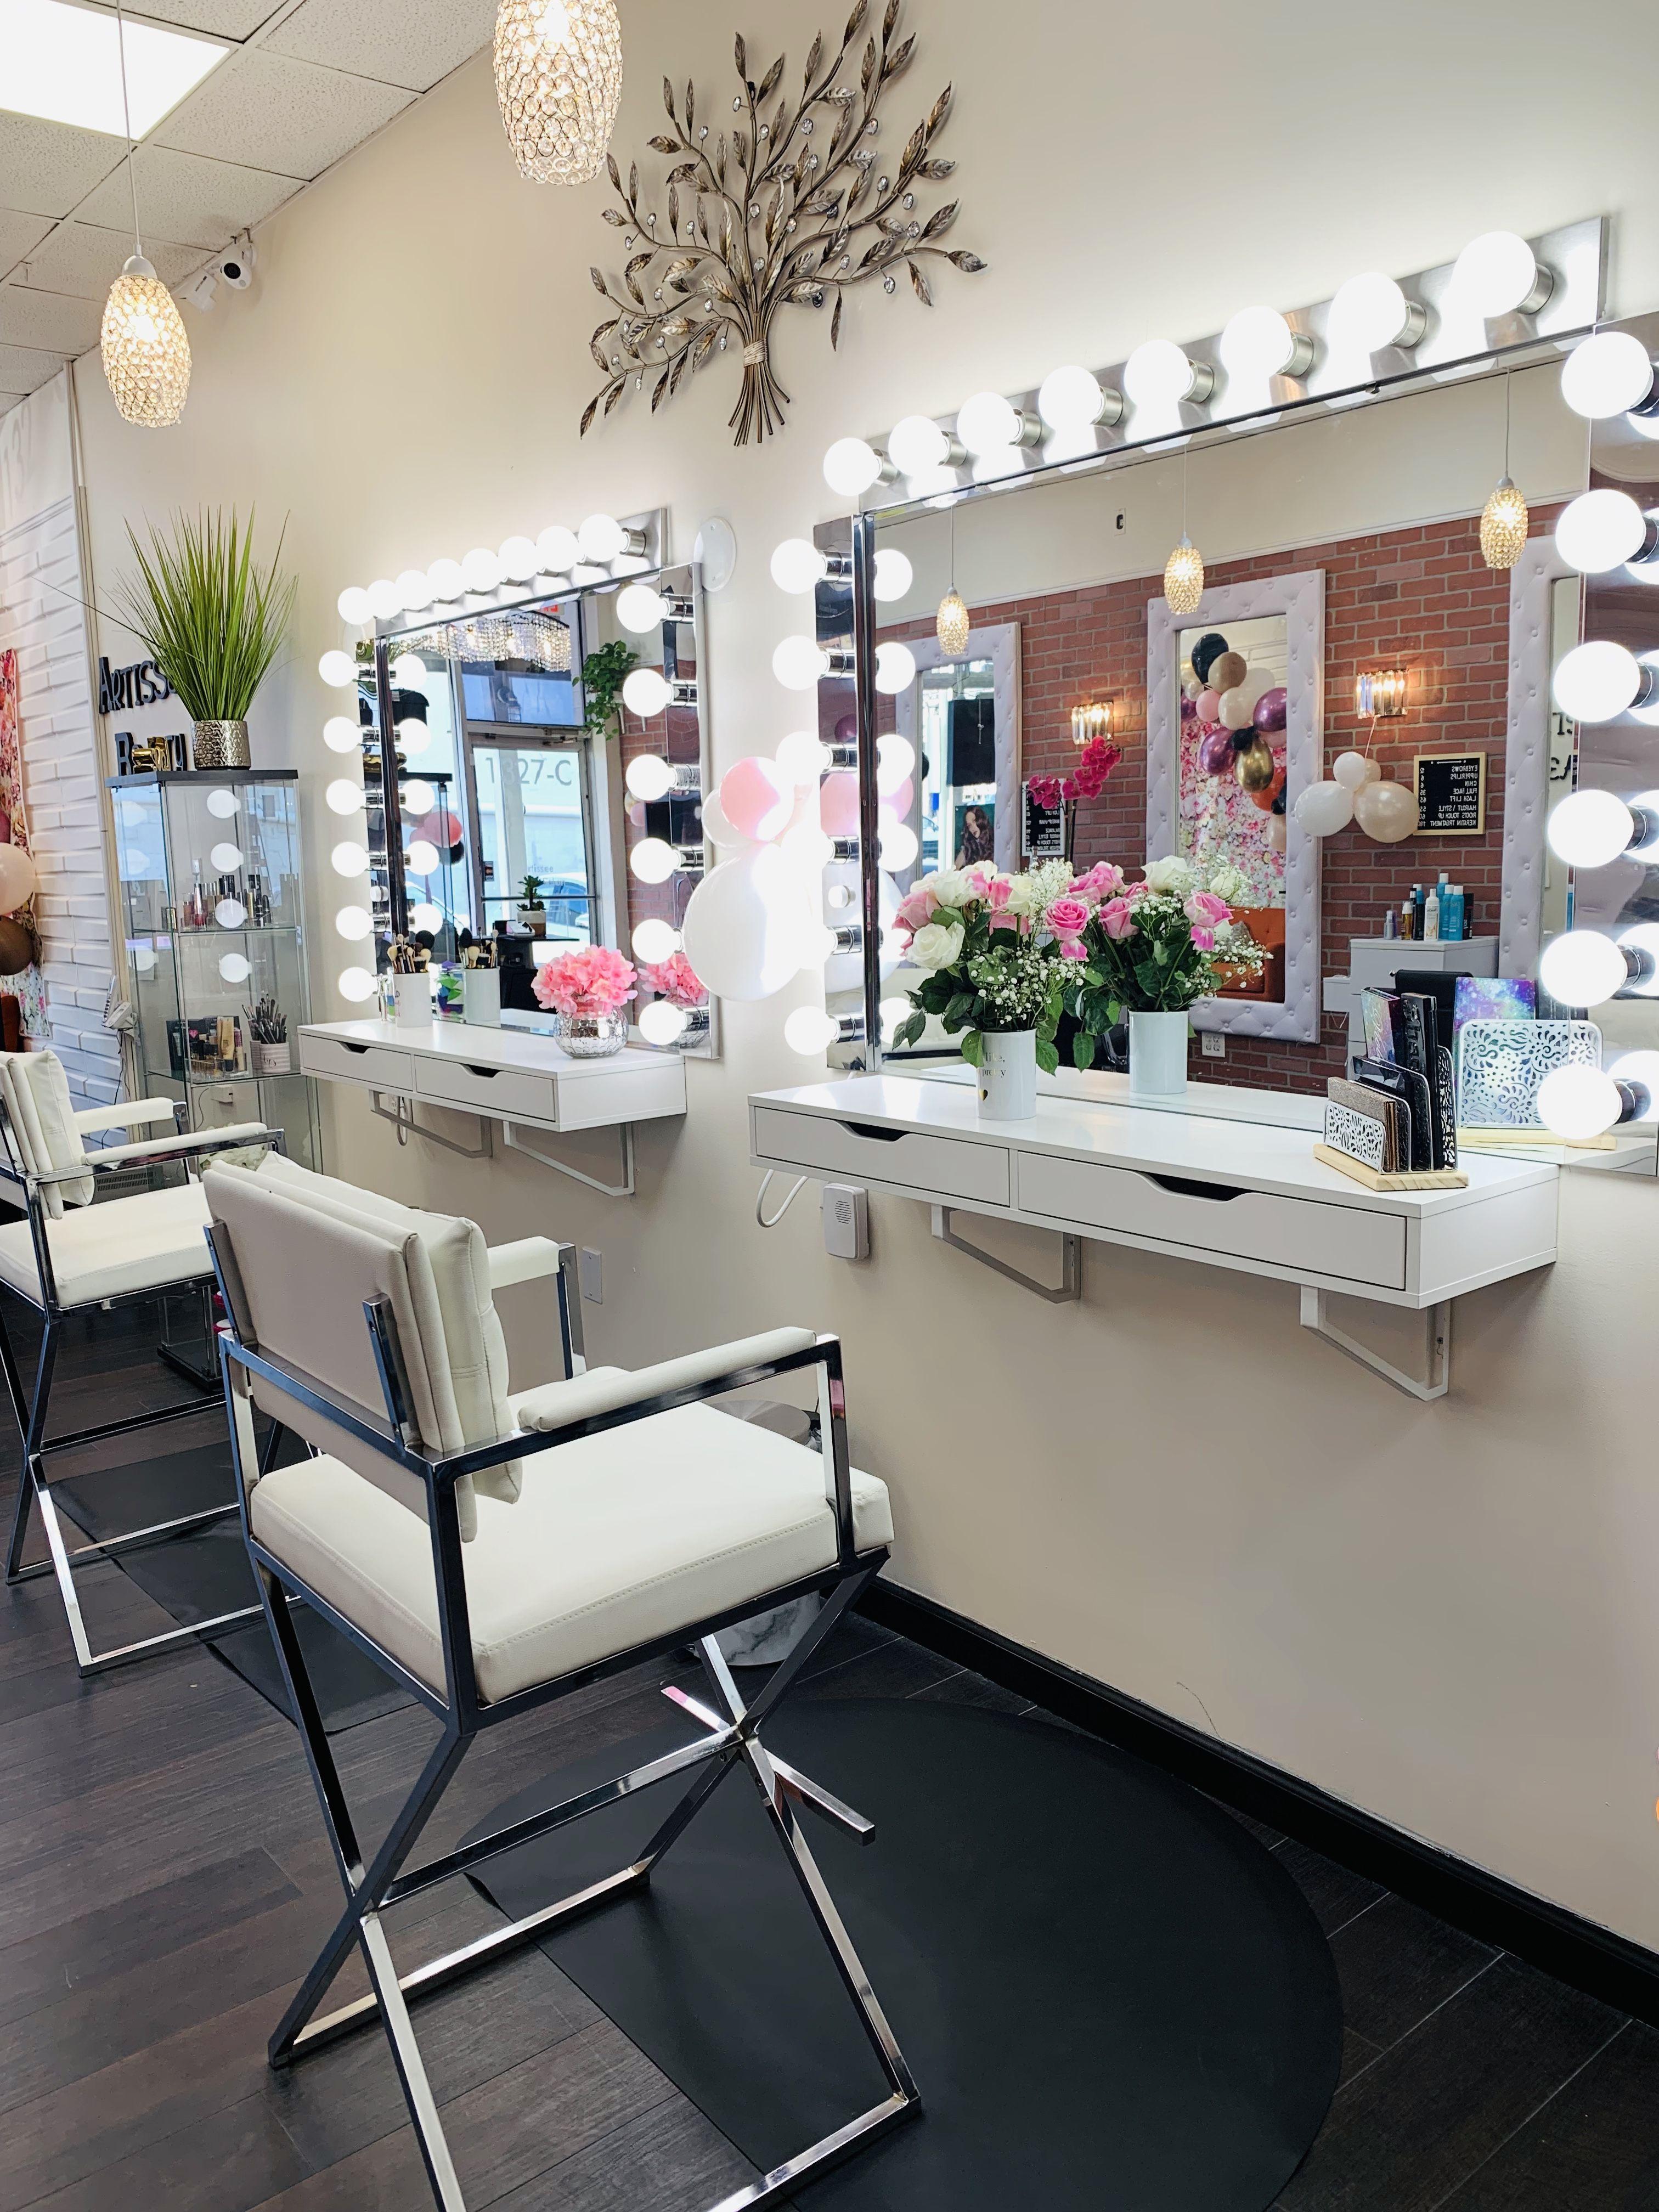 Makeup Studio Decor Salons Makeup Studio Decor In 2020 Makeup Studio Decor Makeup Room Decor Studio Decor